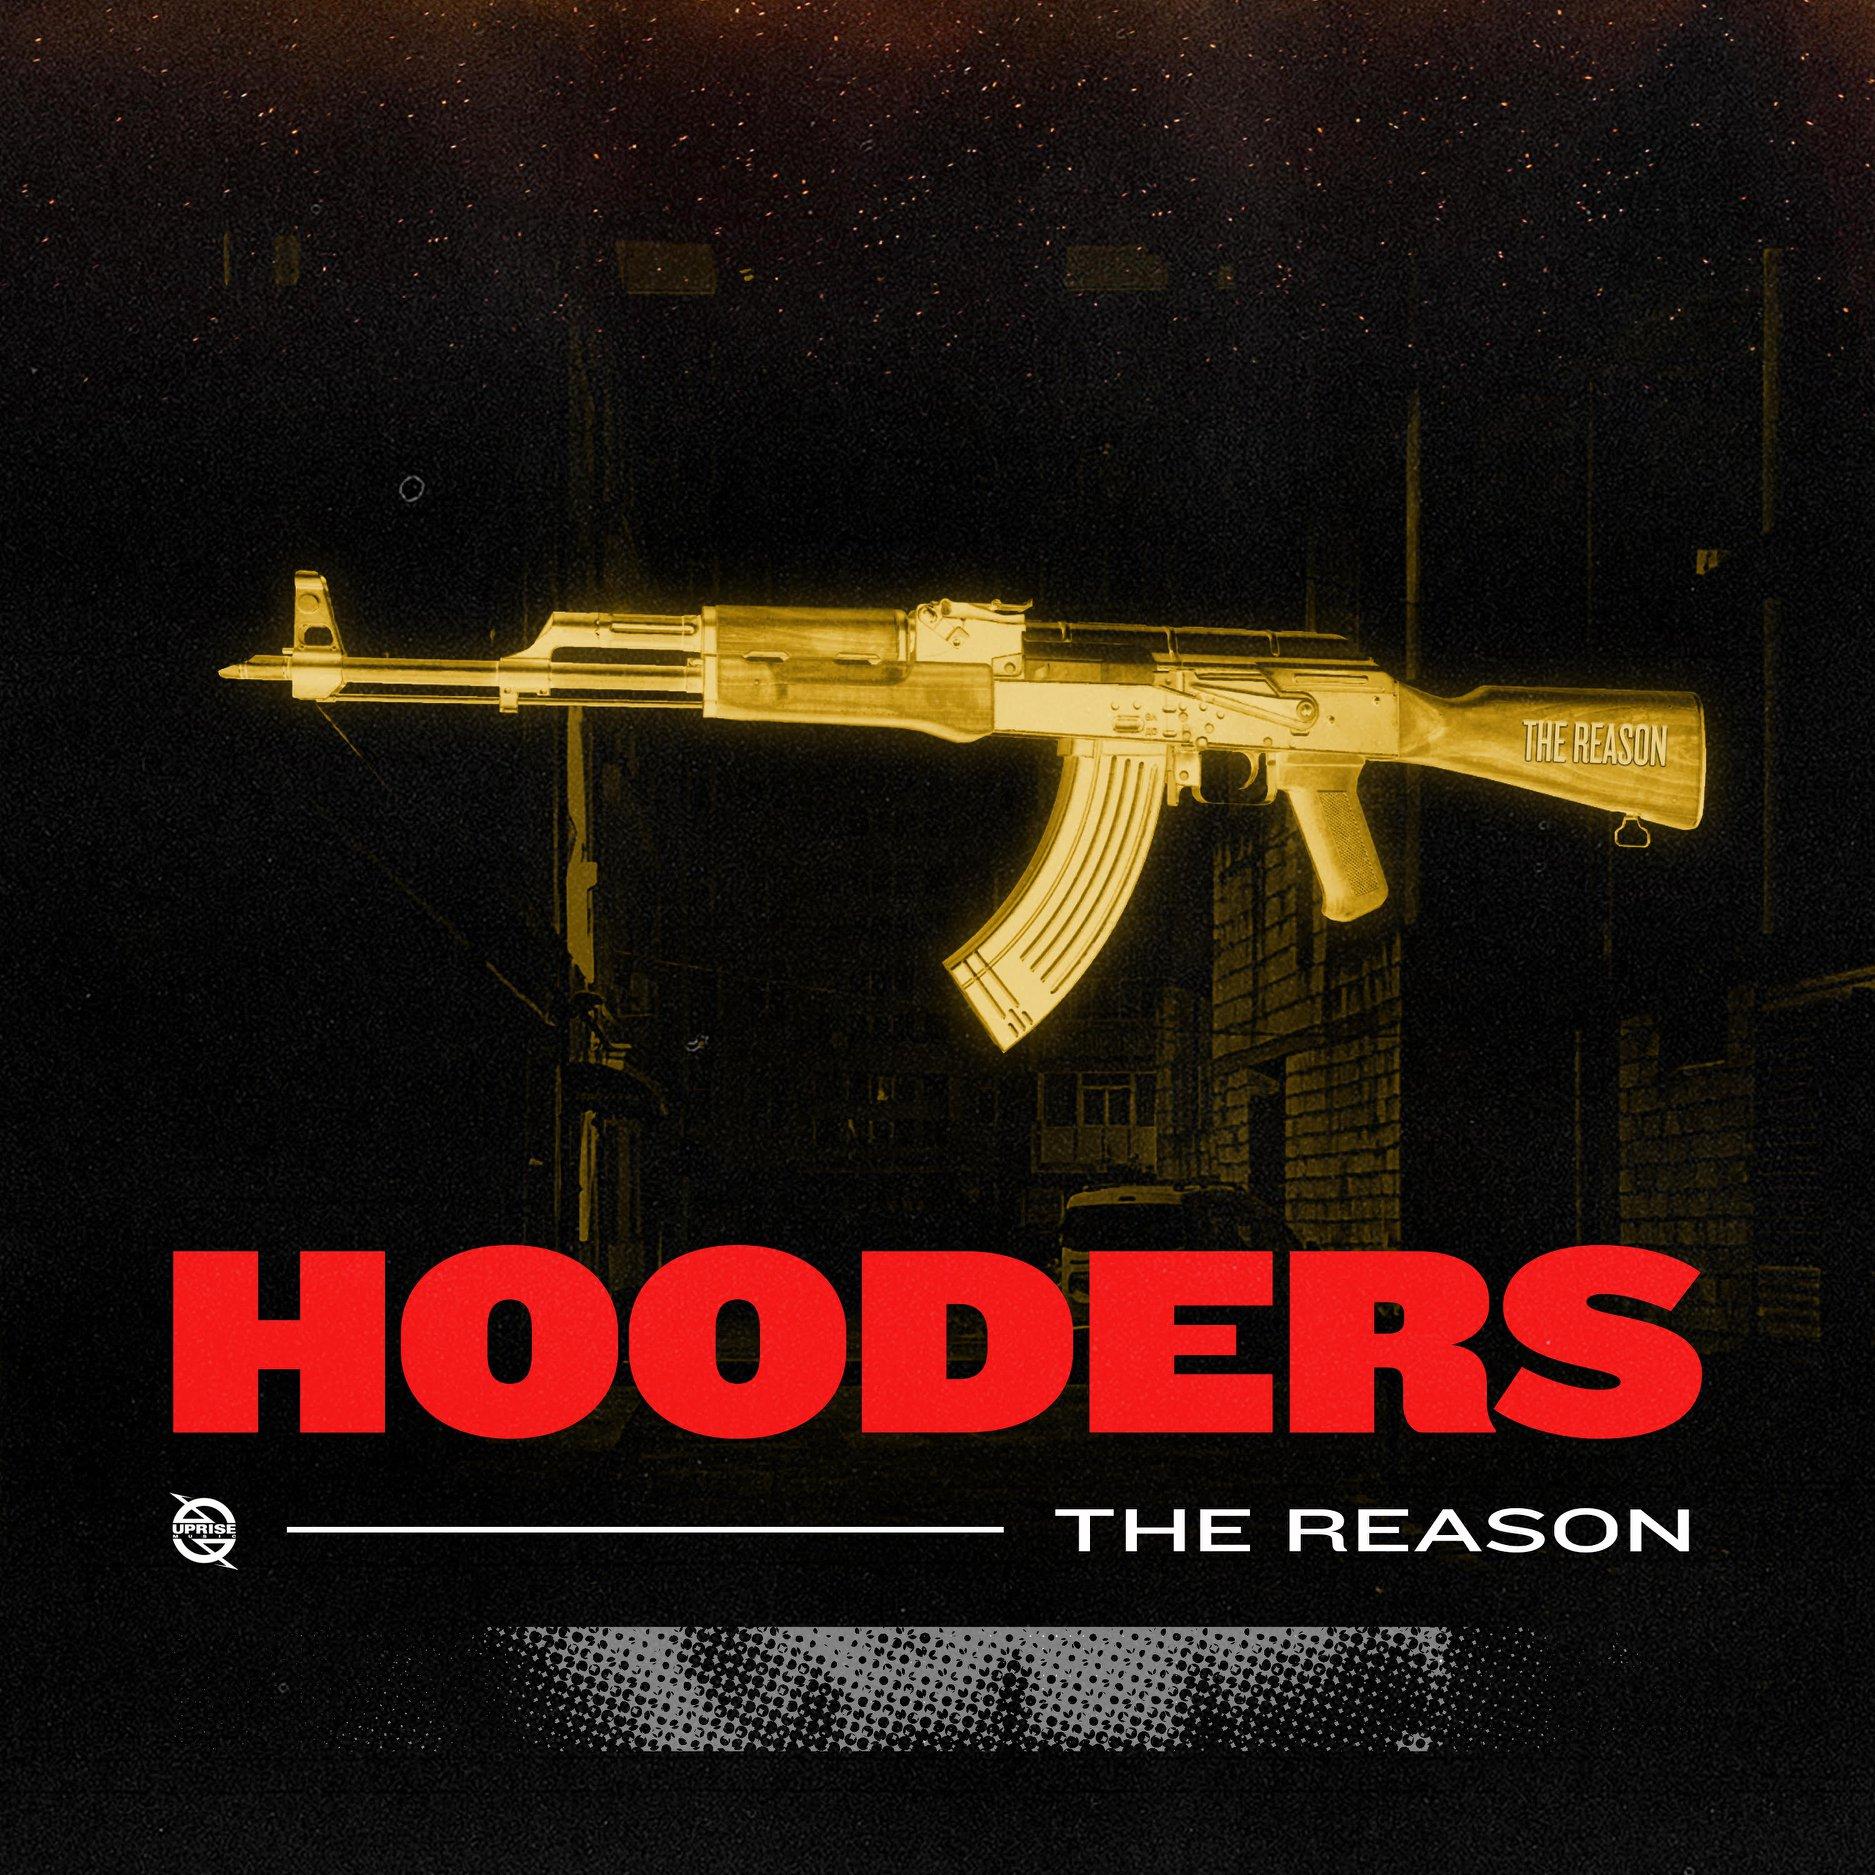 Hooders the reason